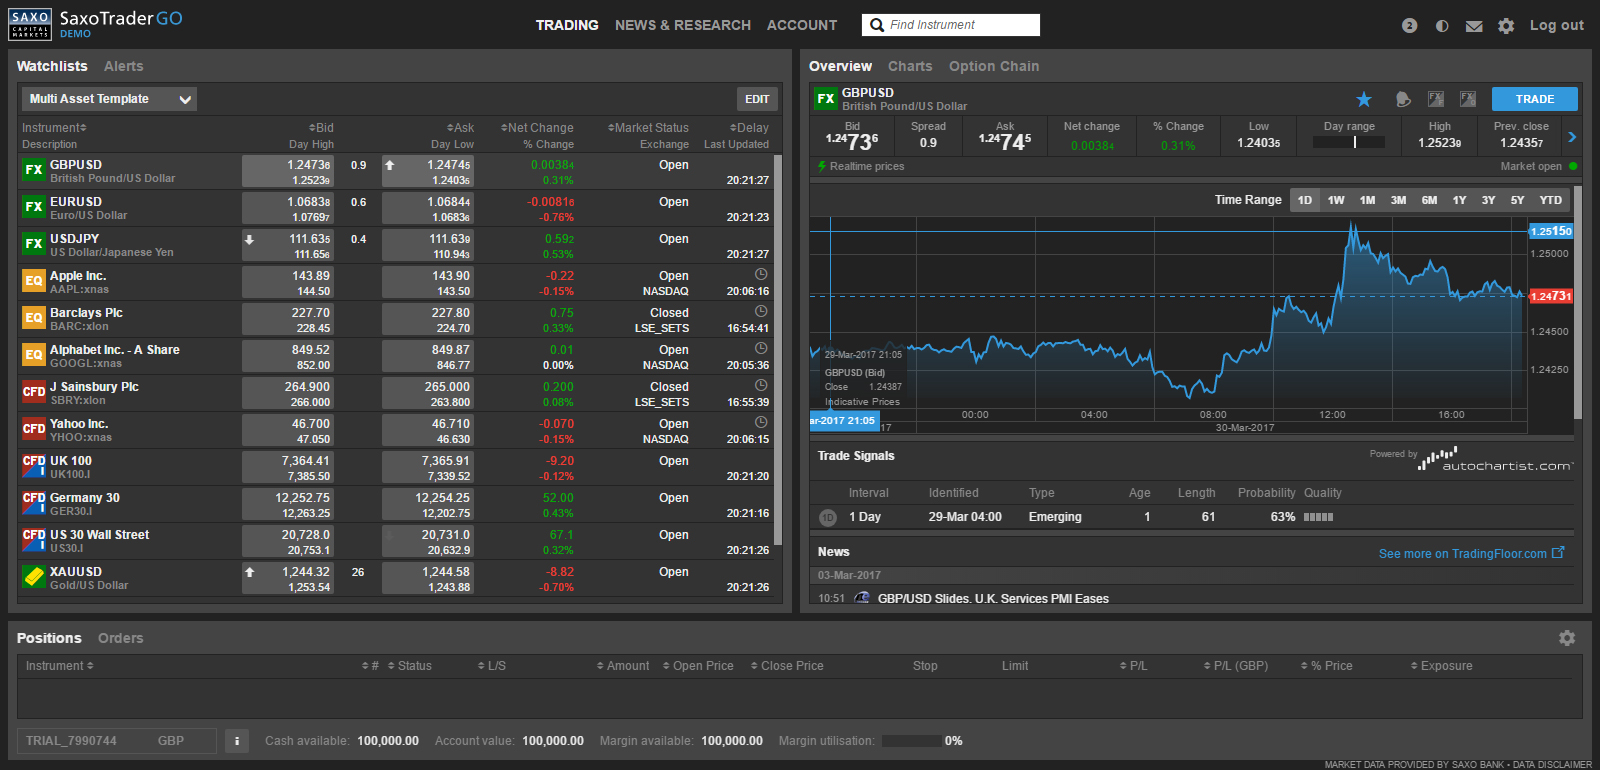 cfd-trading-tips-saxo-bank-web-trading-platform